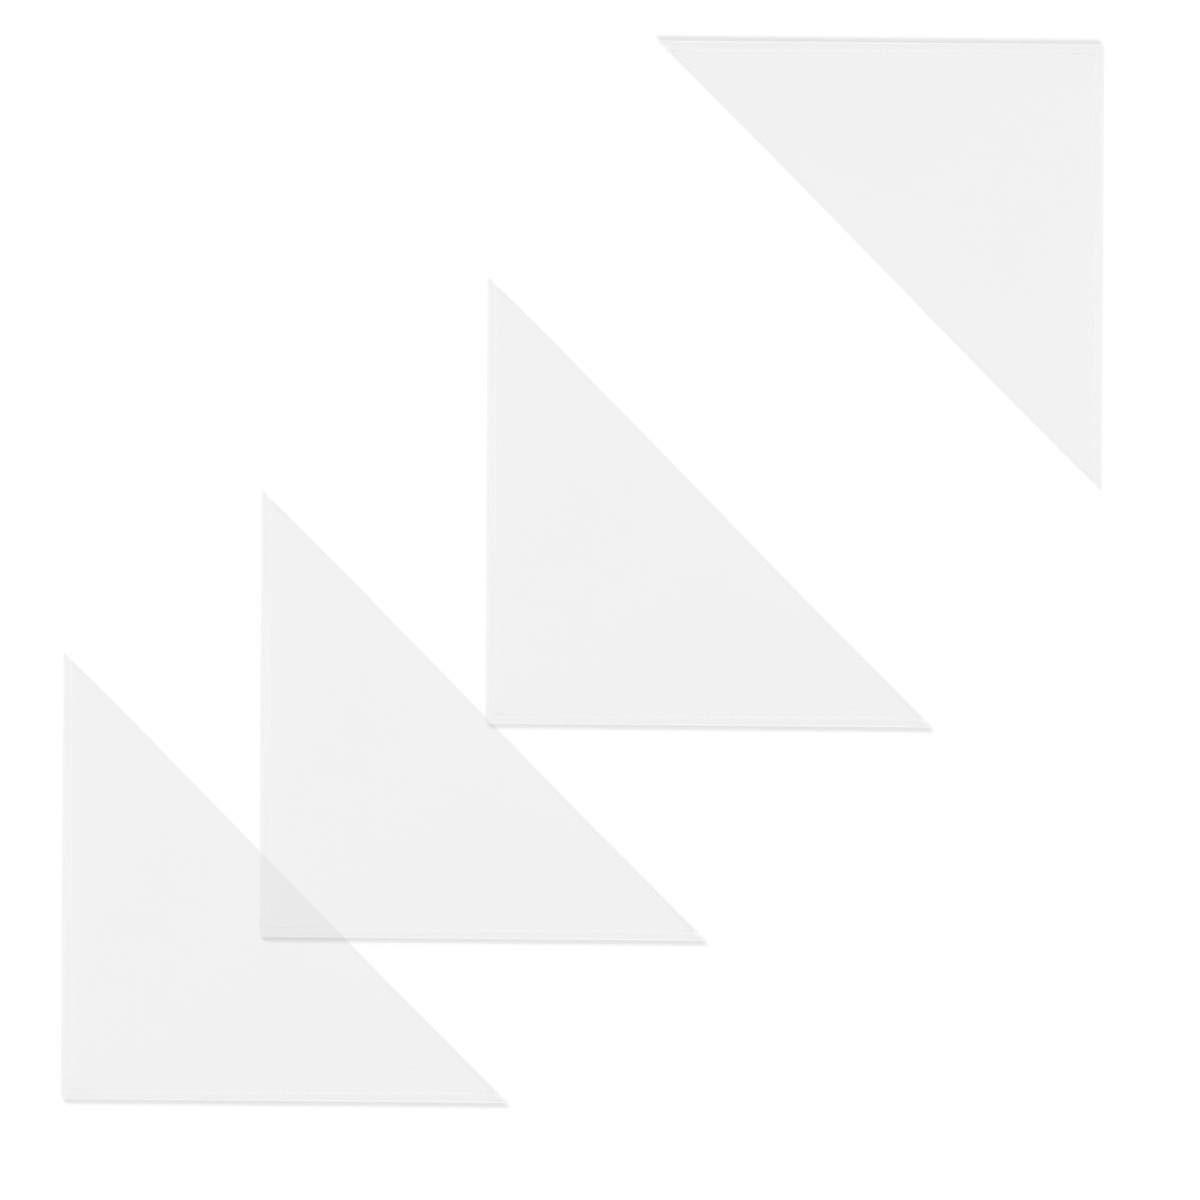 Dreiecktaschen Klarsichttaschen 500 St/ück selbstklebend transparent 50x50mm